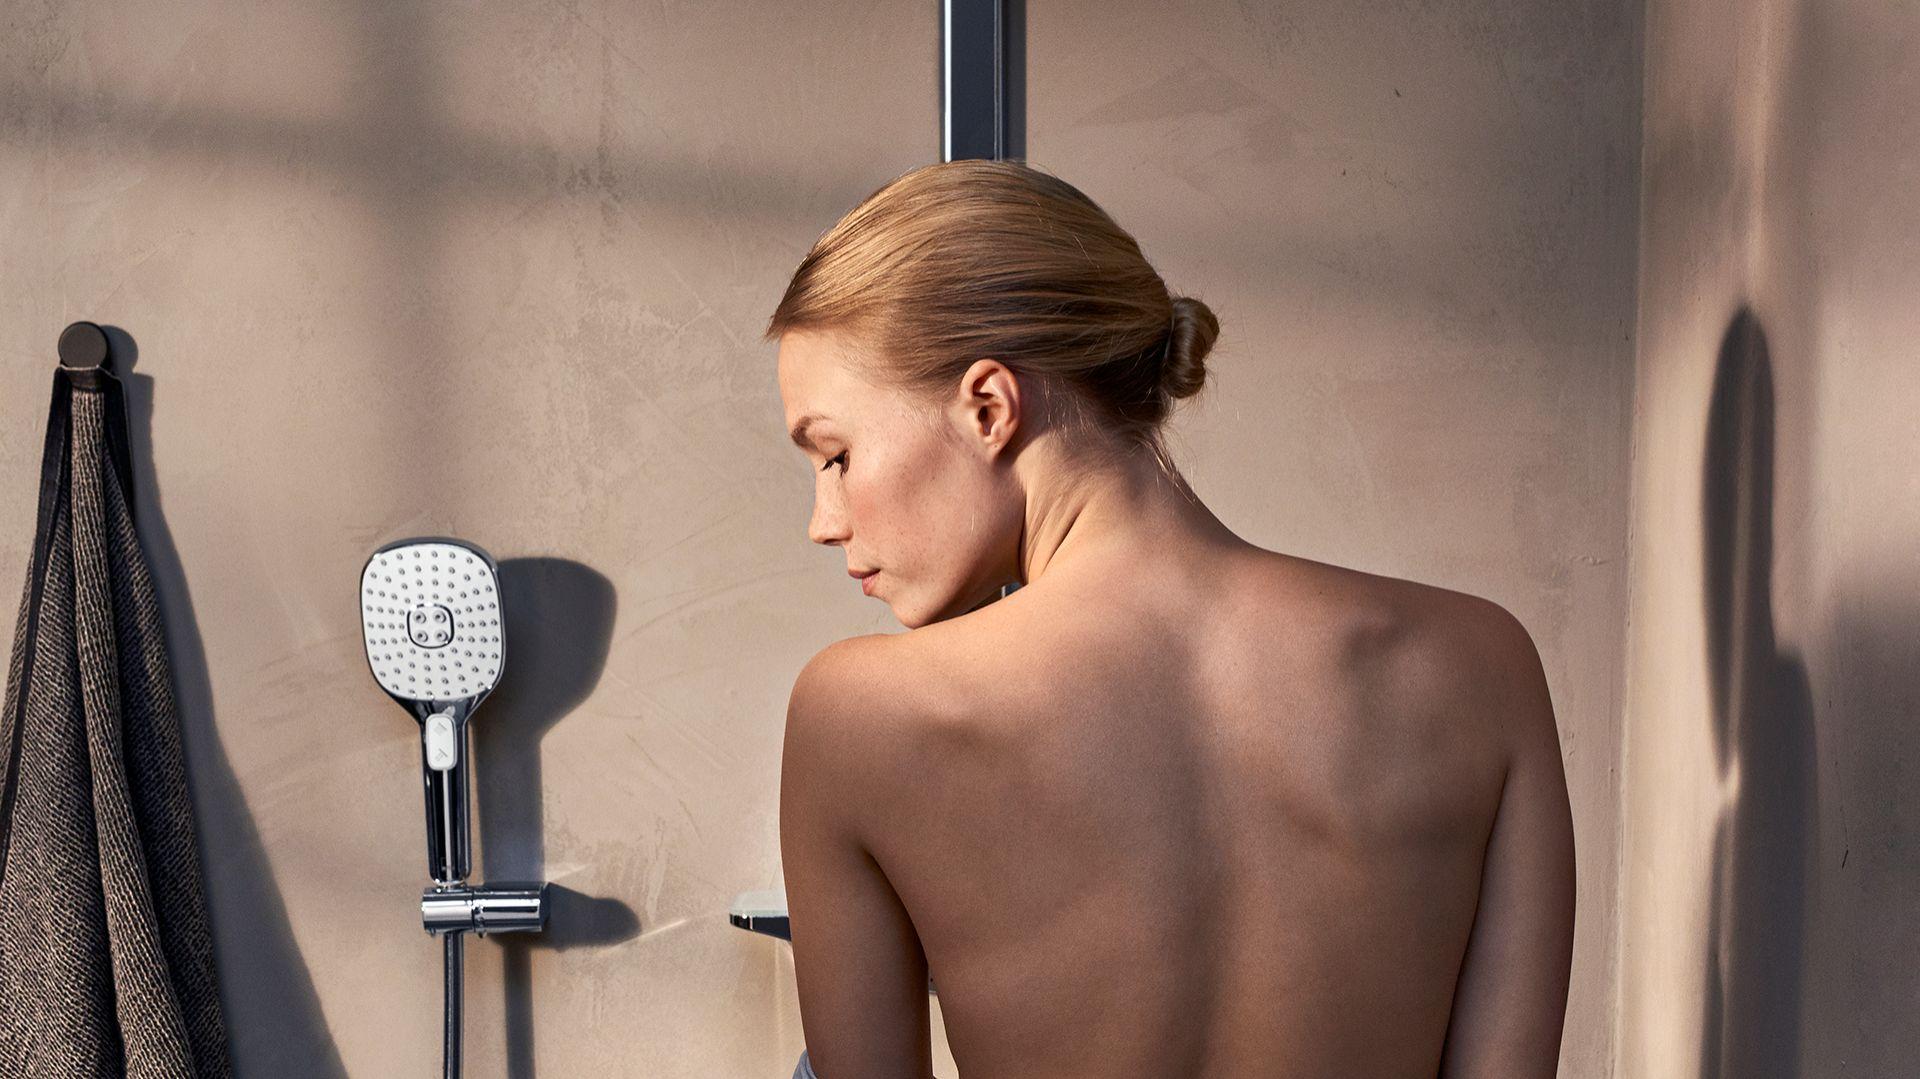 Strefa prysznica - nowy model rączki natrysku Hydractiva. Fot. Oras